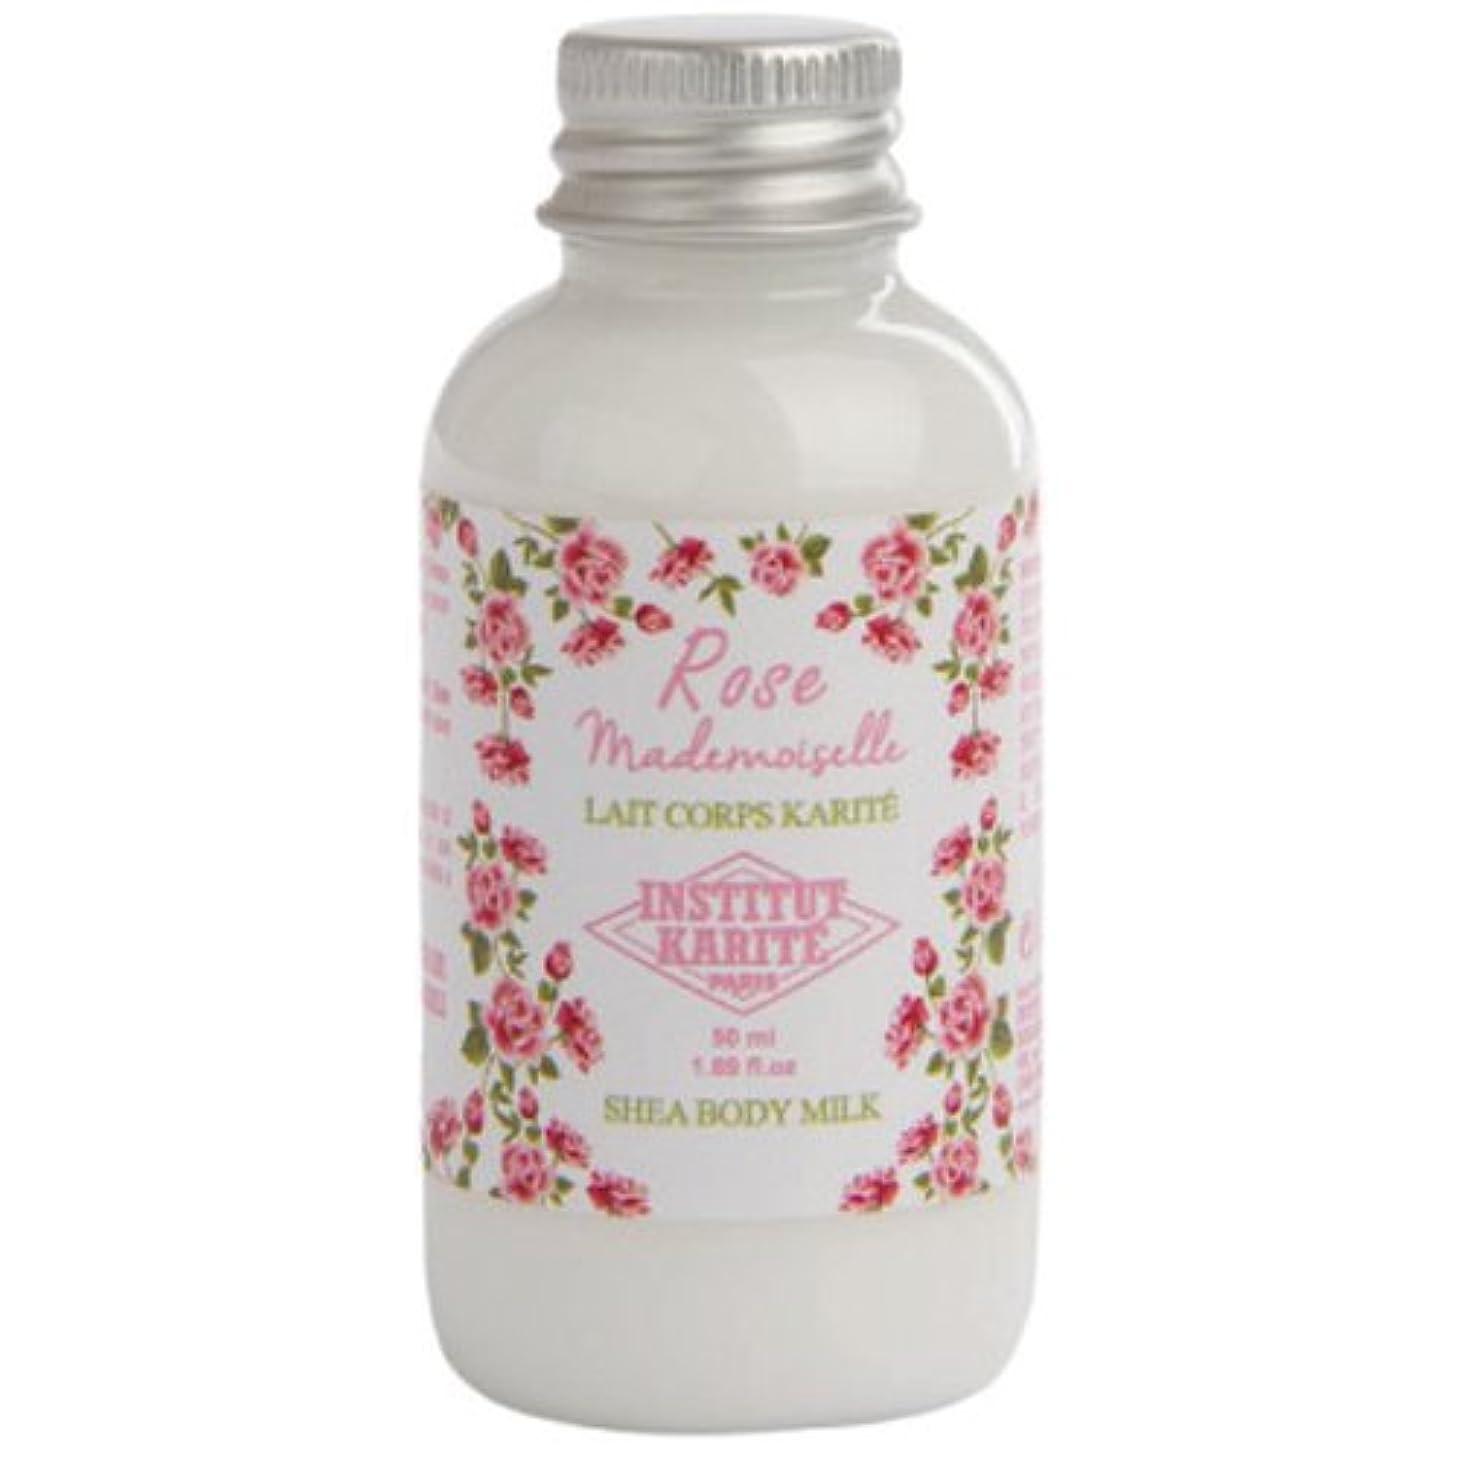 変動するクリックバウンドINSTITUT KARITE カリテ Rose Mademoiselle クラシックローズ Travel Shea Body Milk 50ml